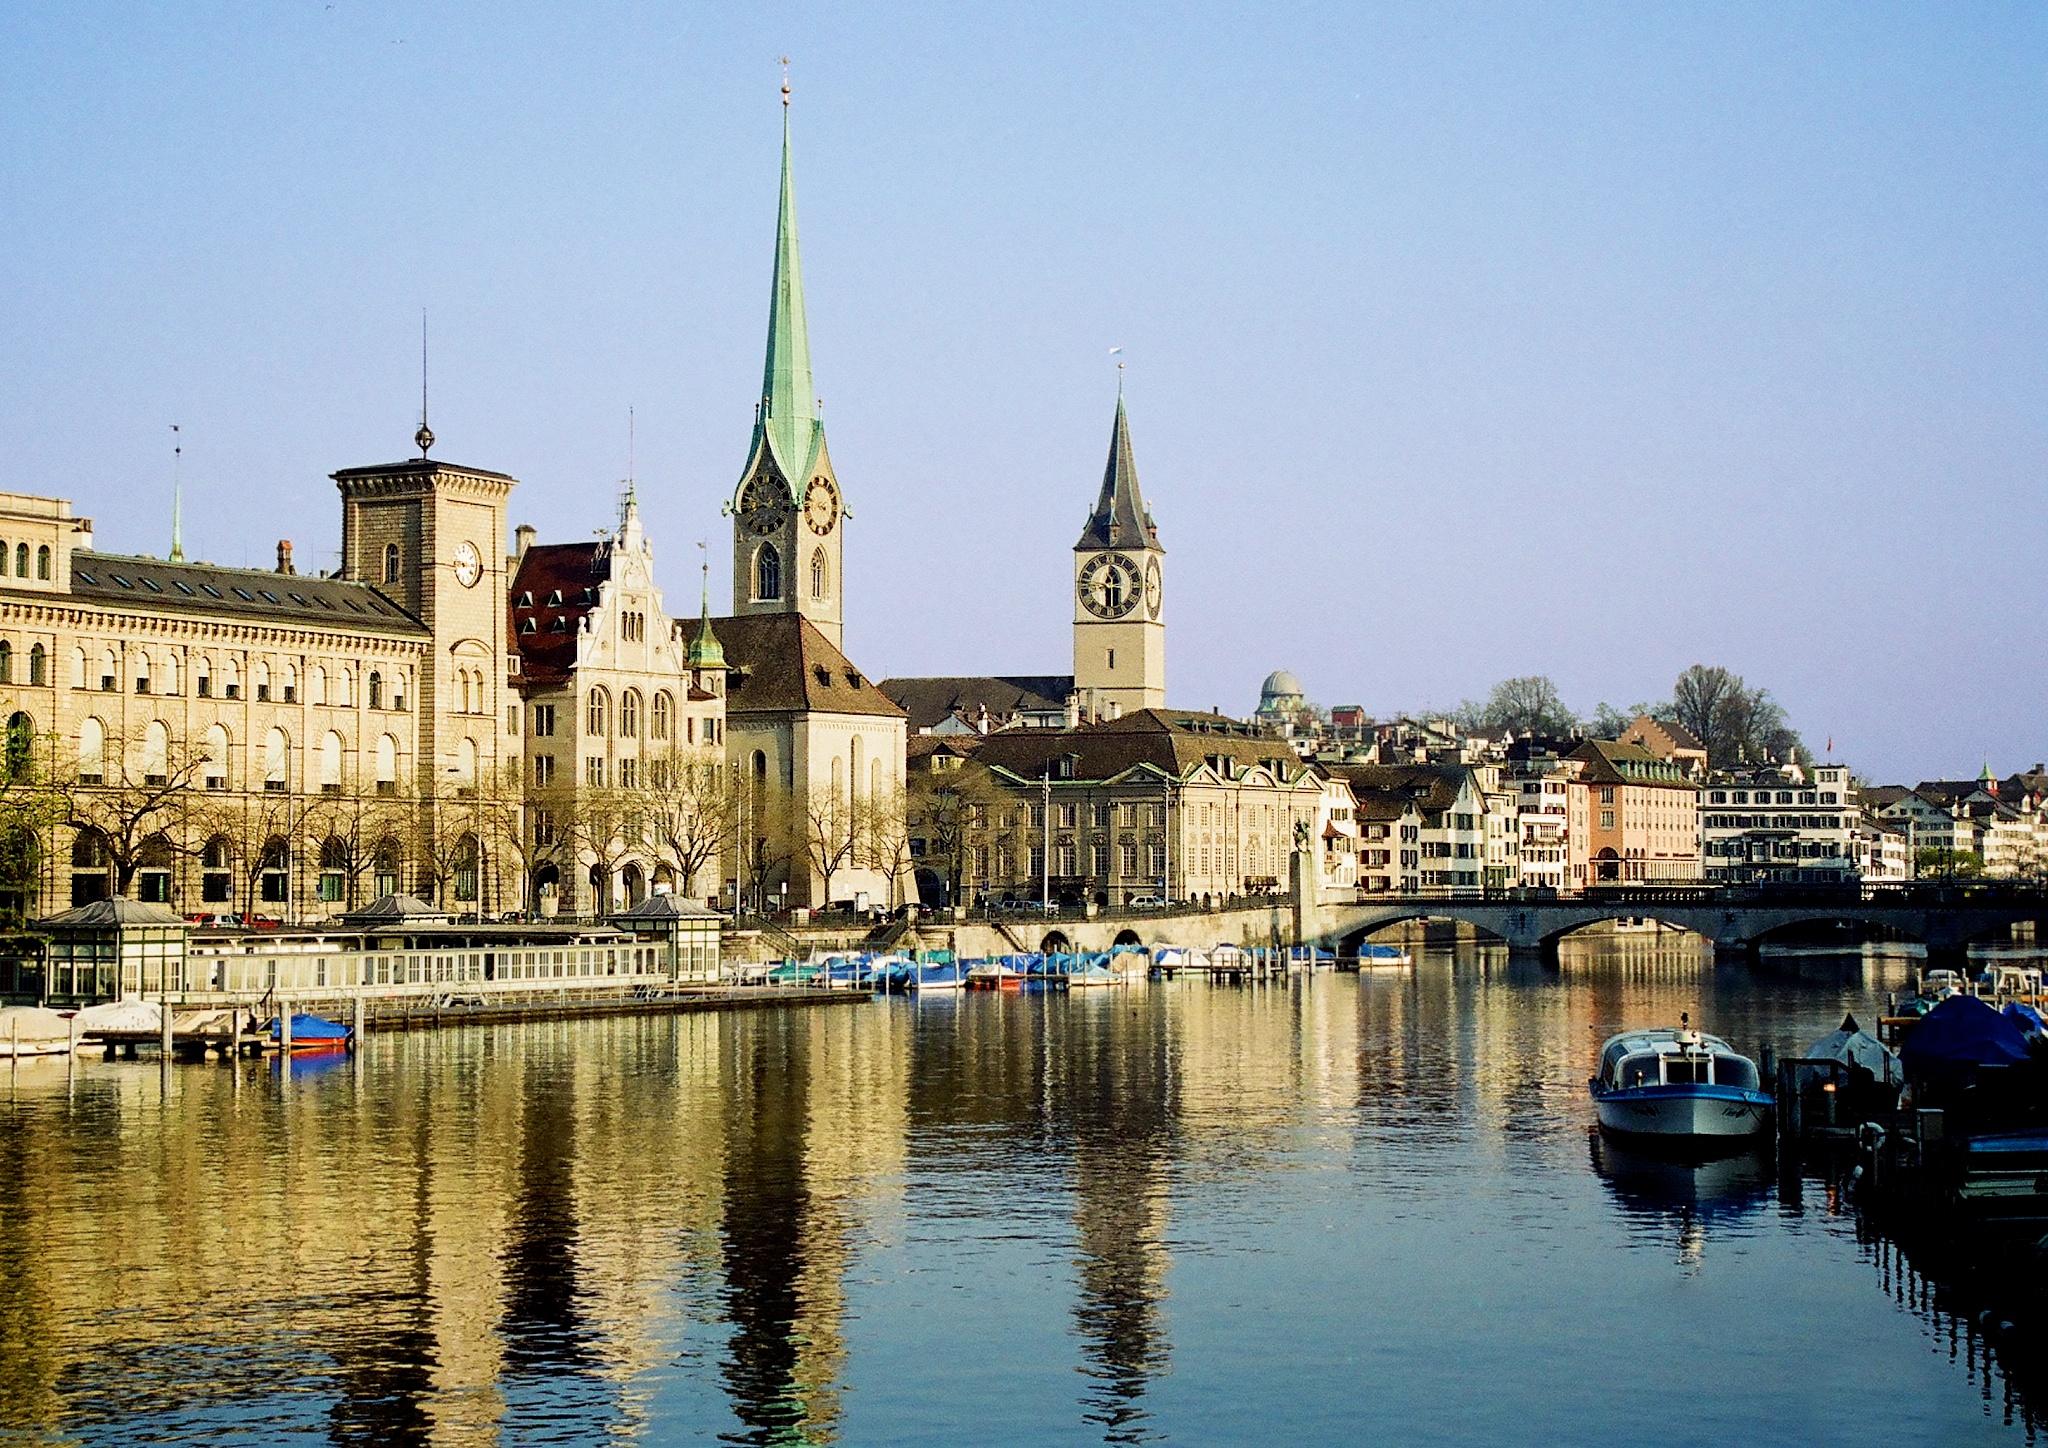 Lake Zurich | Before